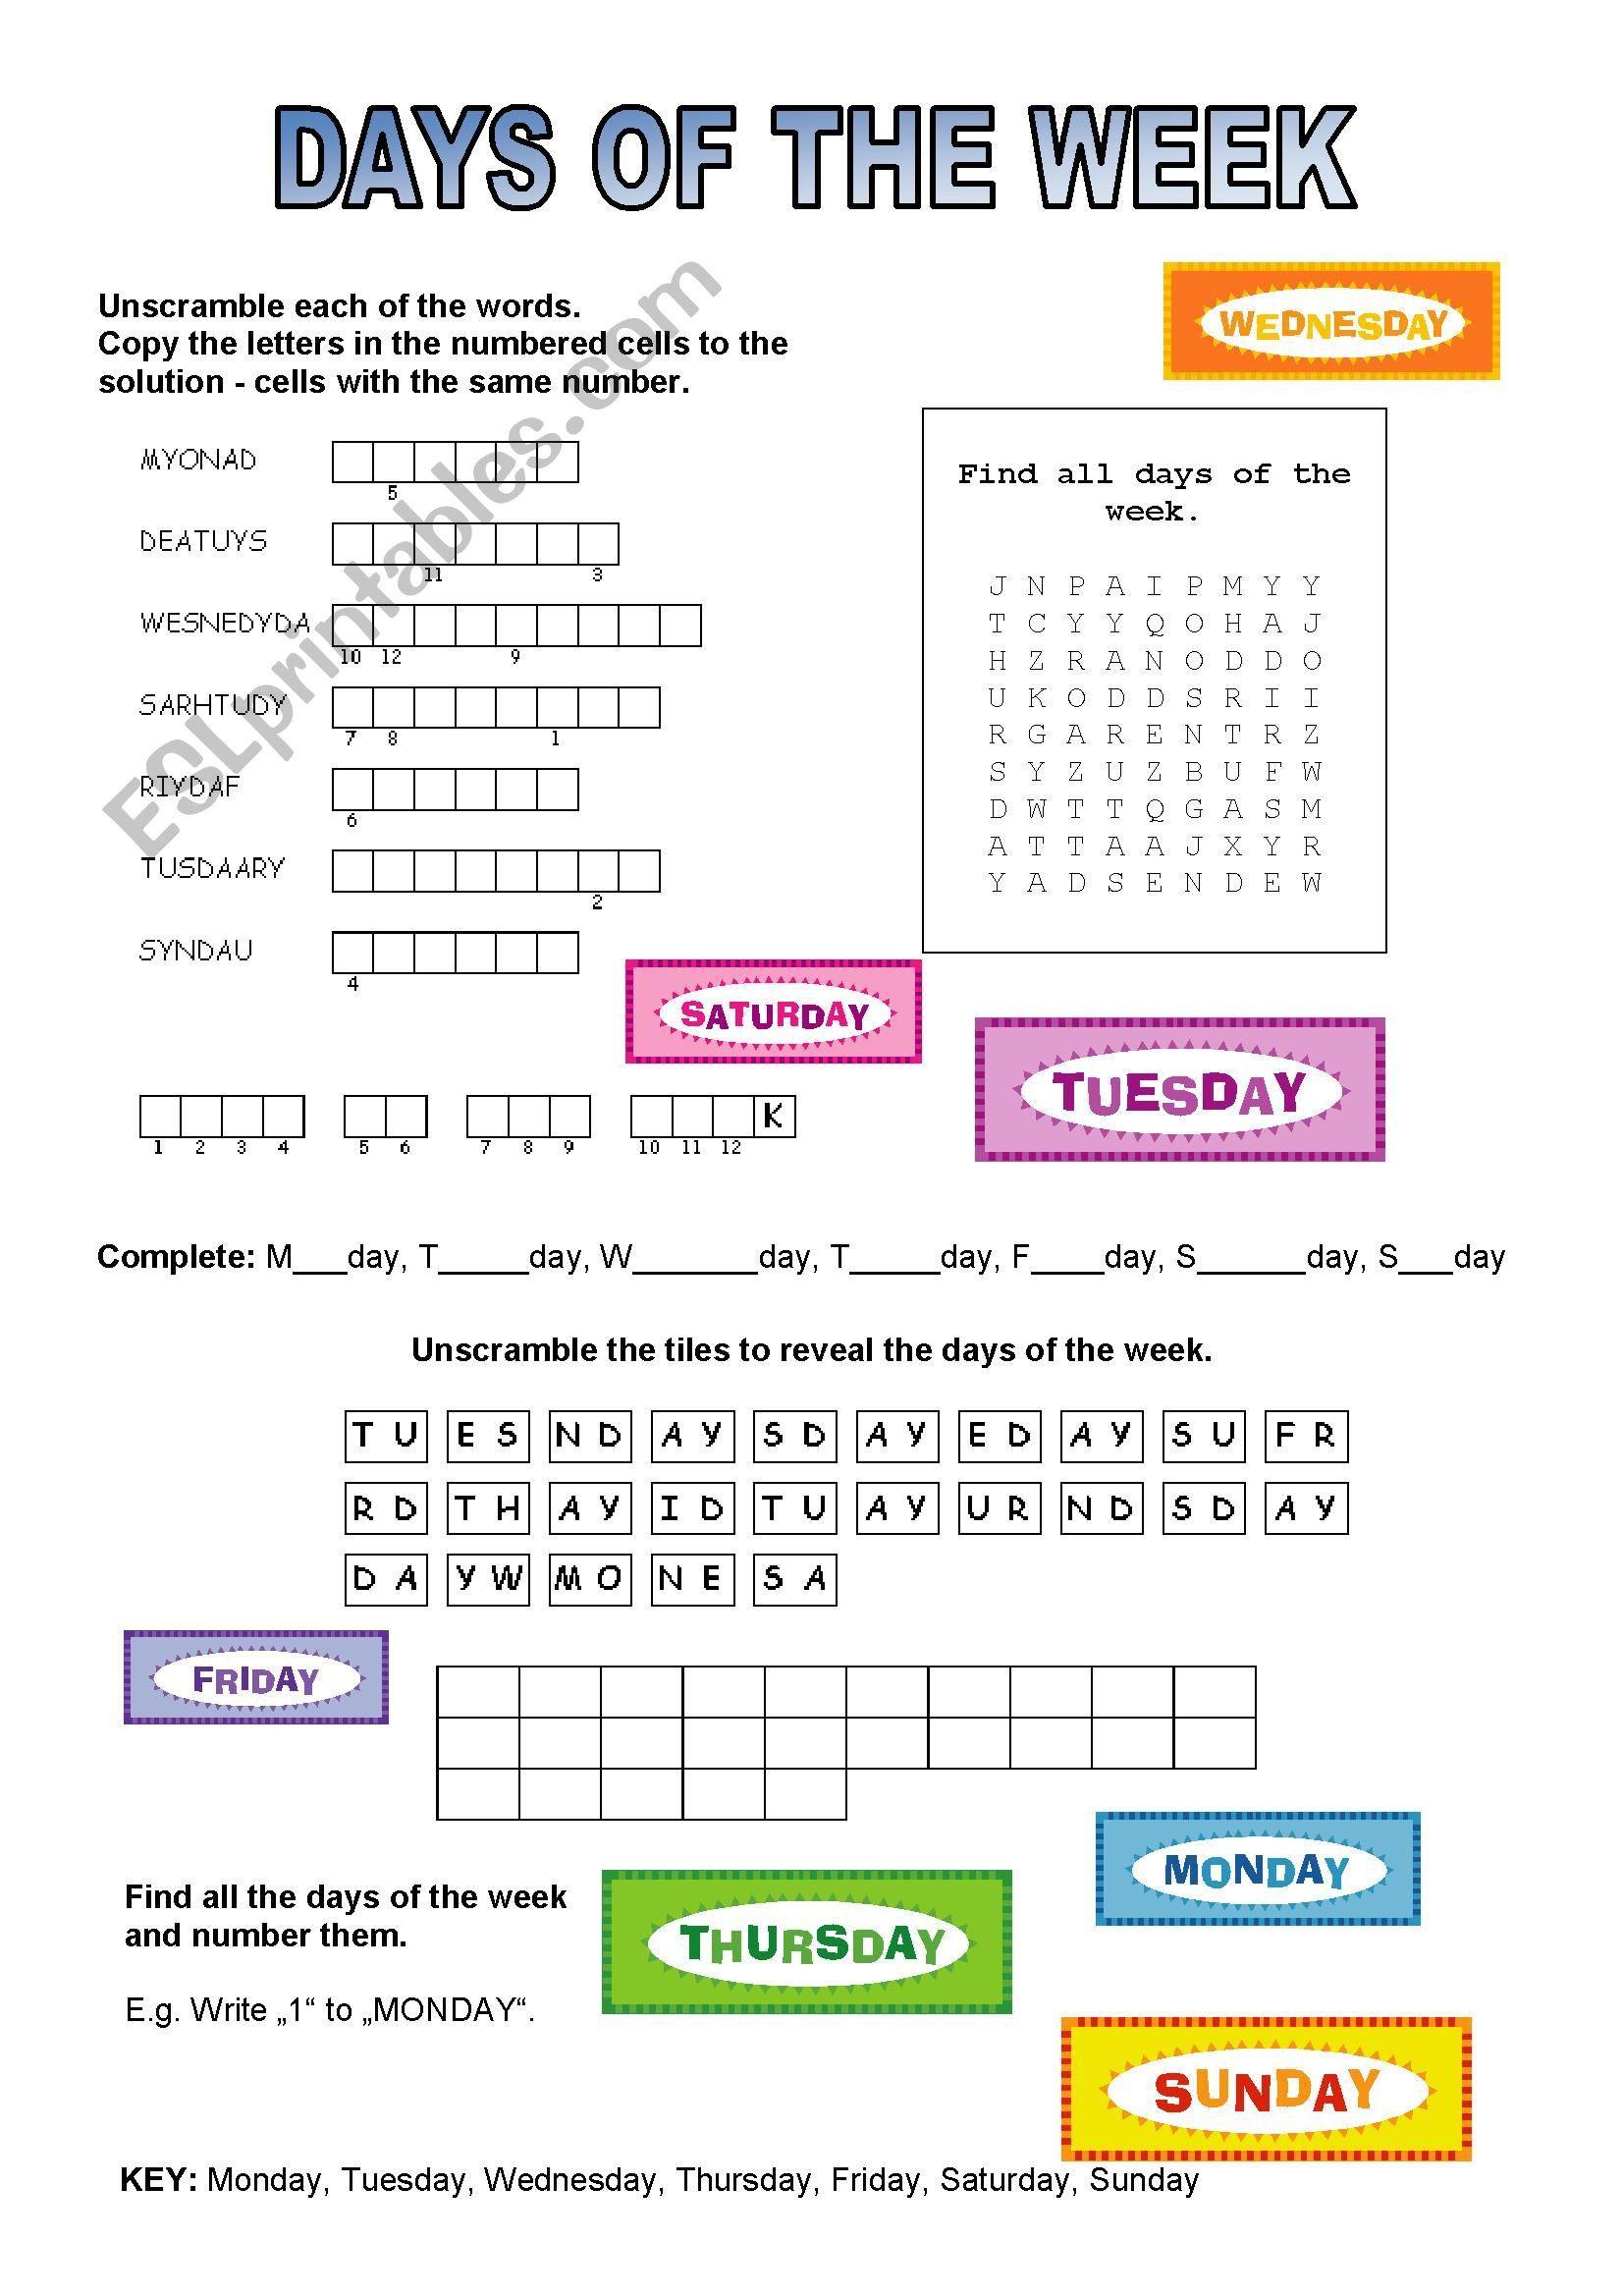 5 Days Of The Week Worksheet Printable Practices Worksheets Printable Worksheets Kindergarten Skills